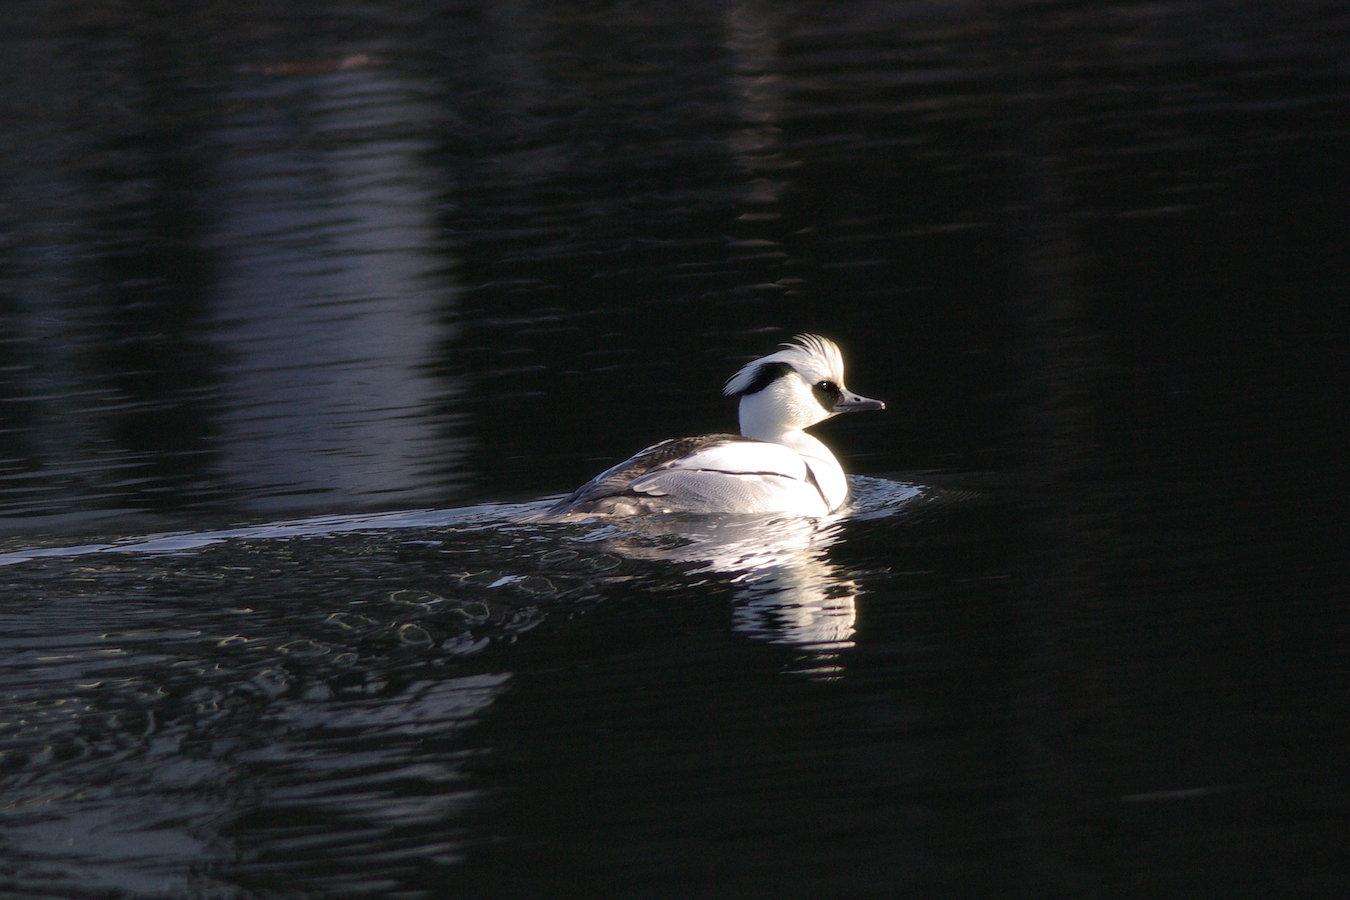 AFボーグ BORG77EDⅡで撮影した野鳥・ミコアイサの写真画像